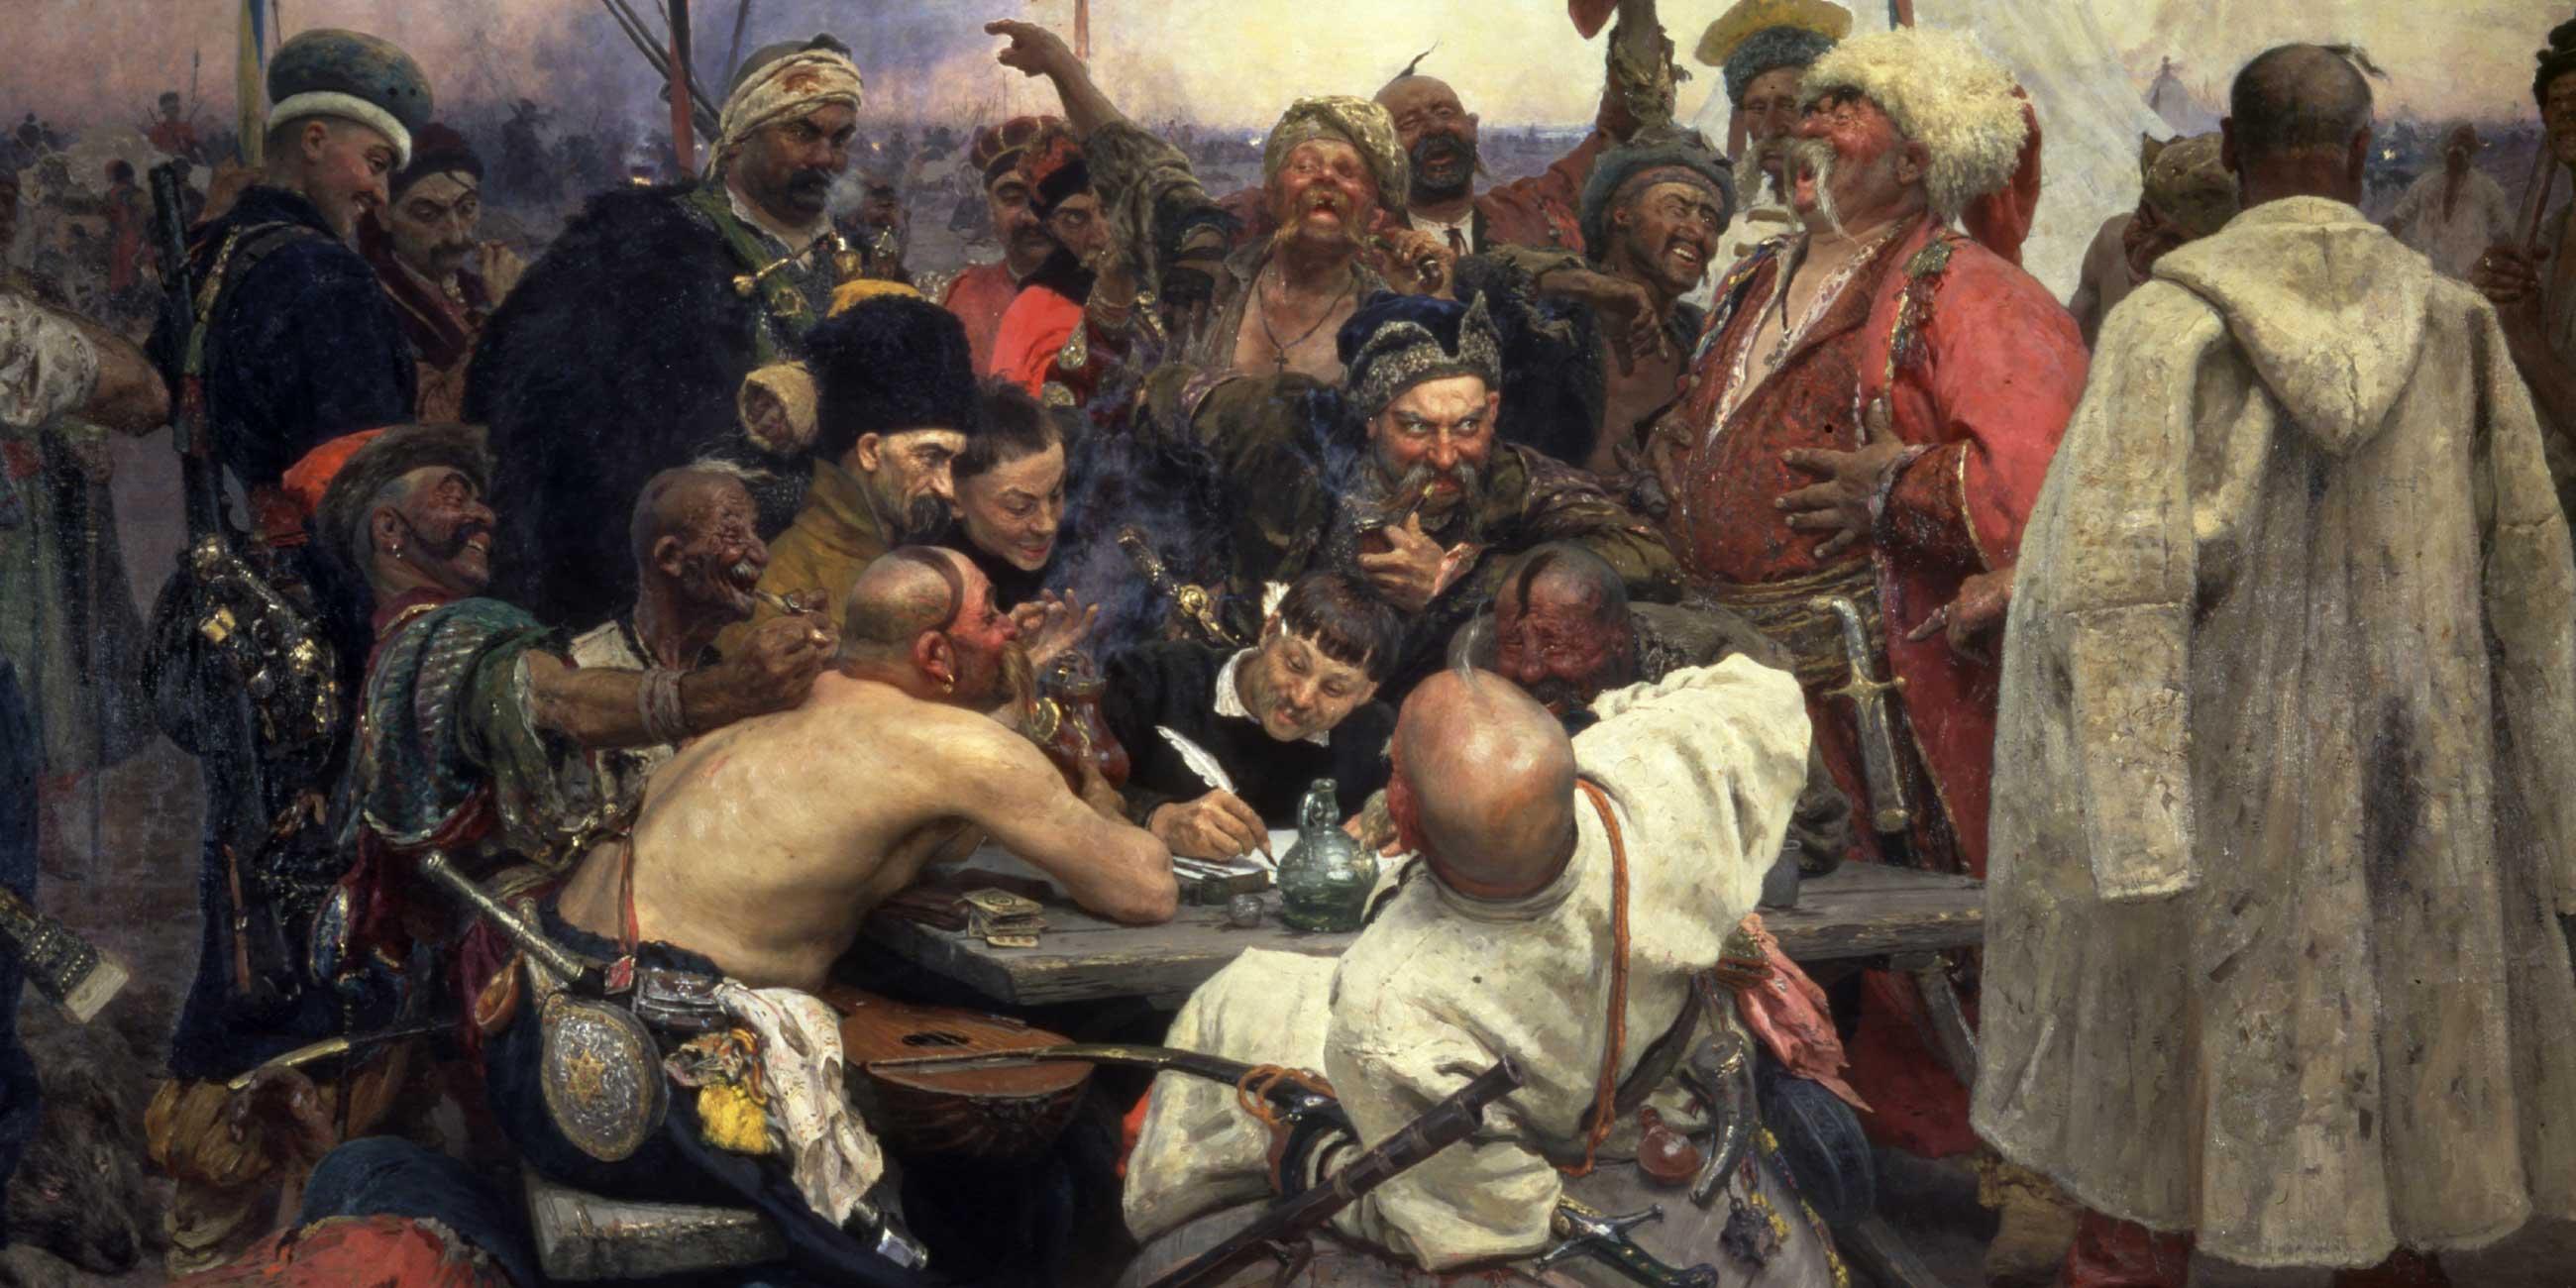 В Русском музее можно увидеть знаменитые картины прославленных русских живописцевФото: globallookpress.com